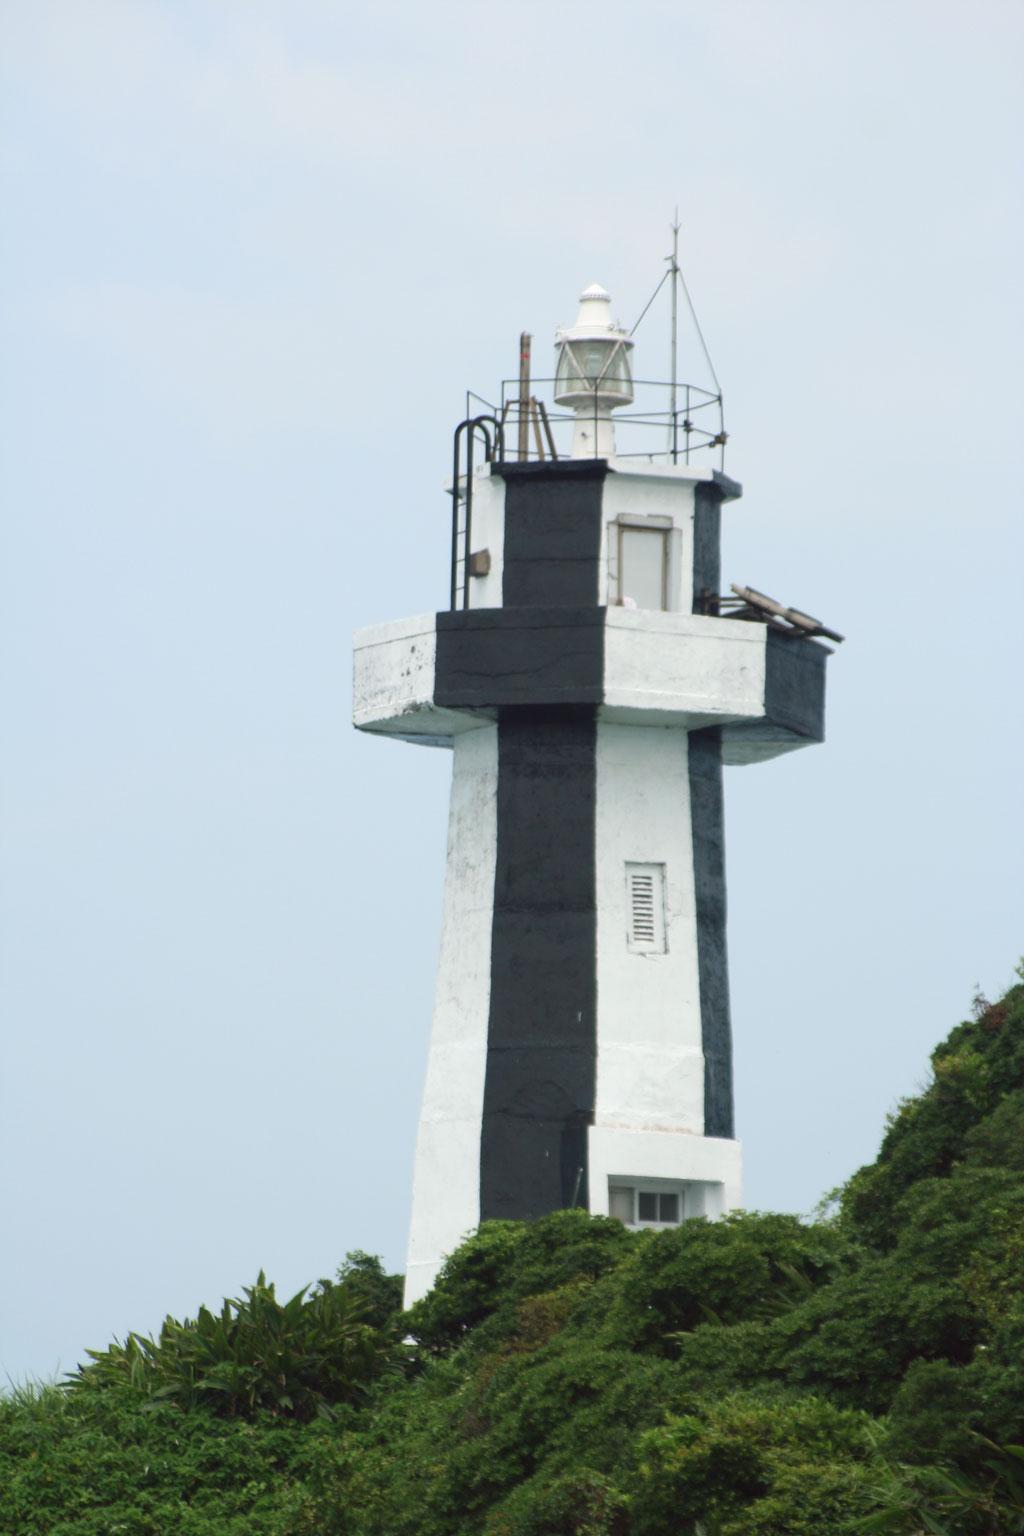 遠眺基隆島燈塔